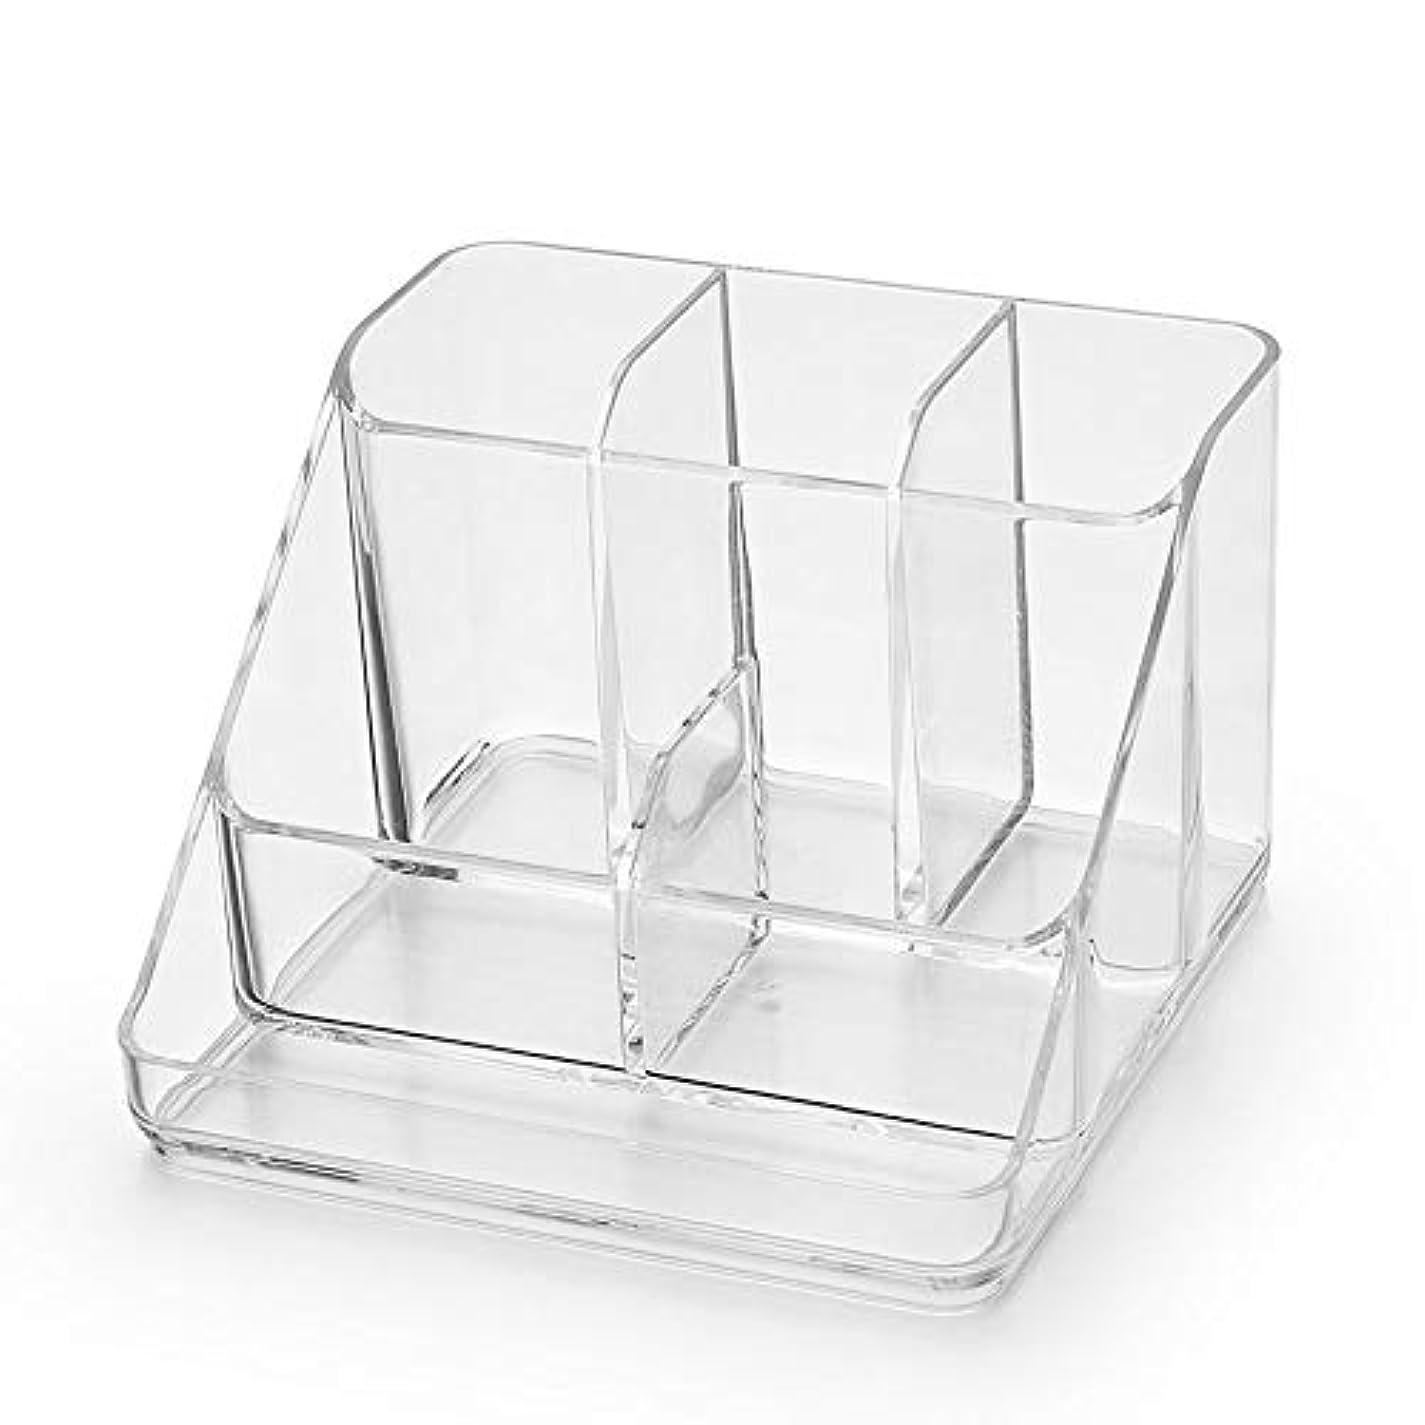 差し引く涙が出る提案Synziar 収納ボックス 化粧 メイクボックス 透明 高品質 アクリル製 大容量 コスメボックス ジュエリー 小物入れ レディース 自由に組合せ